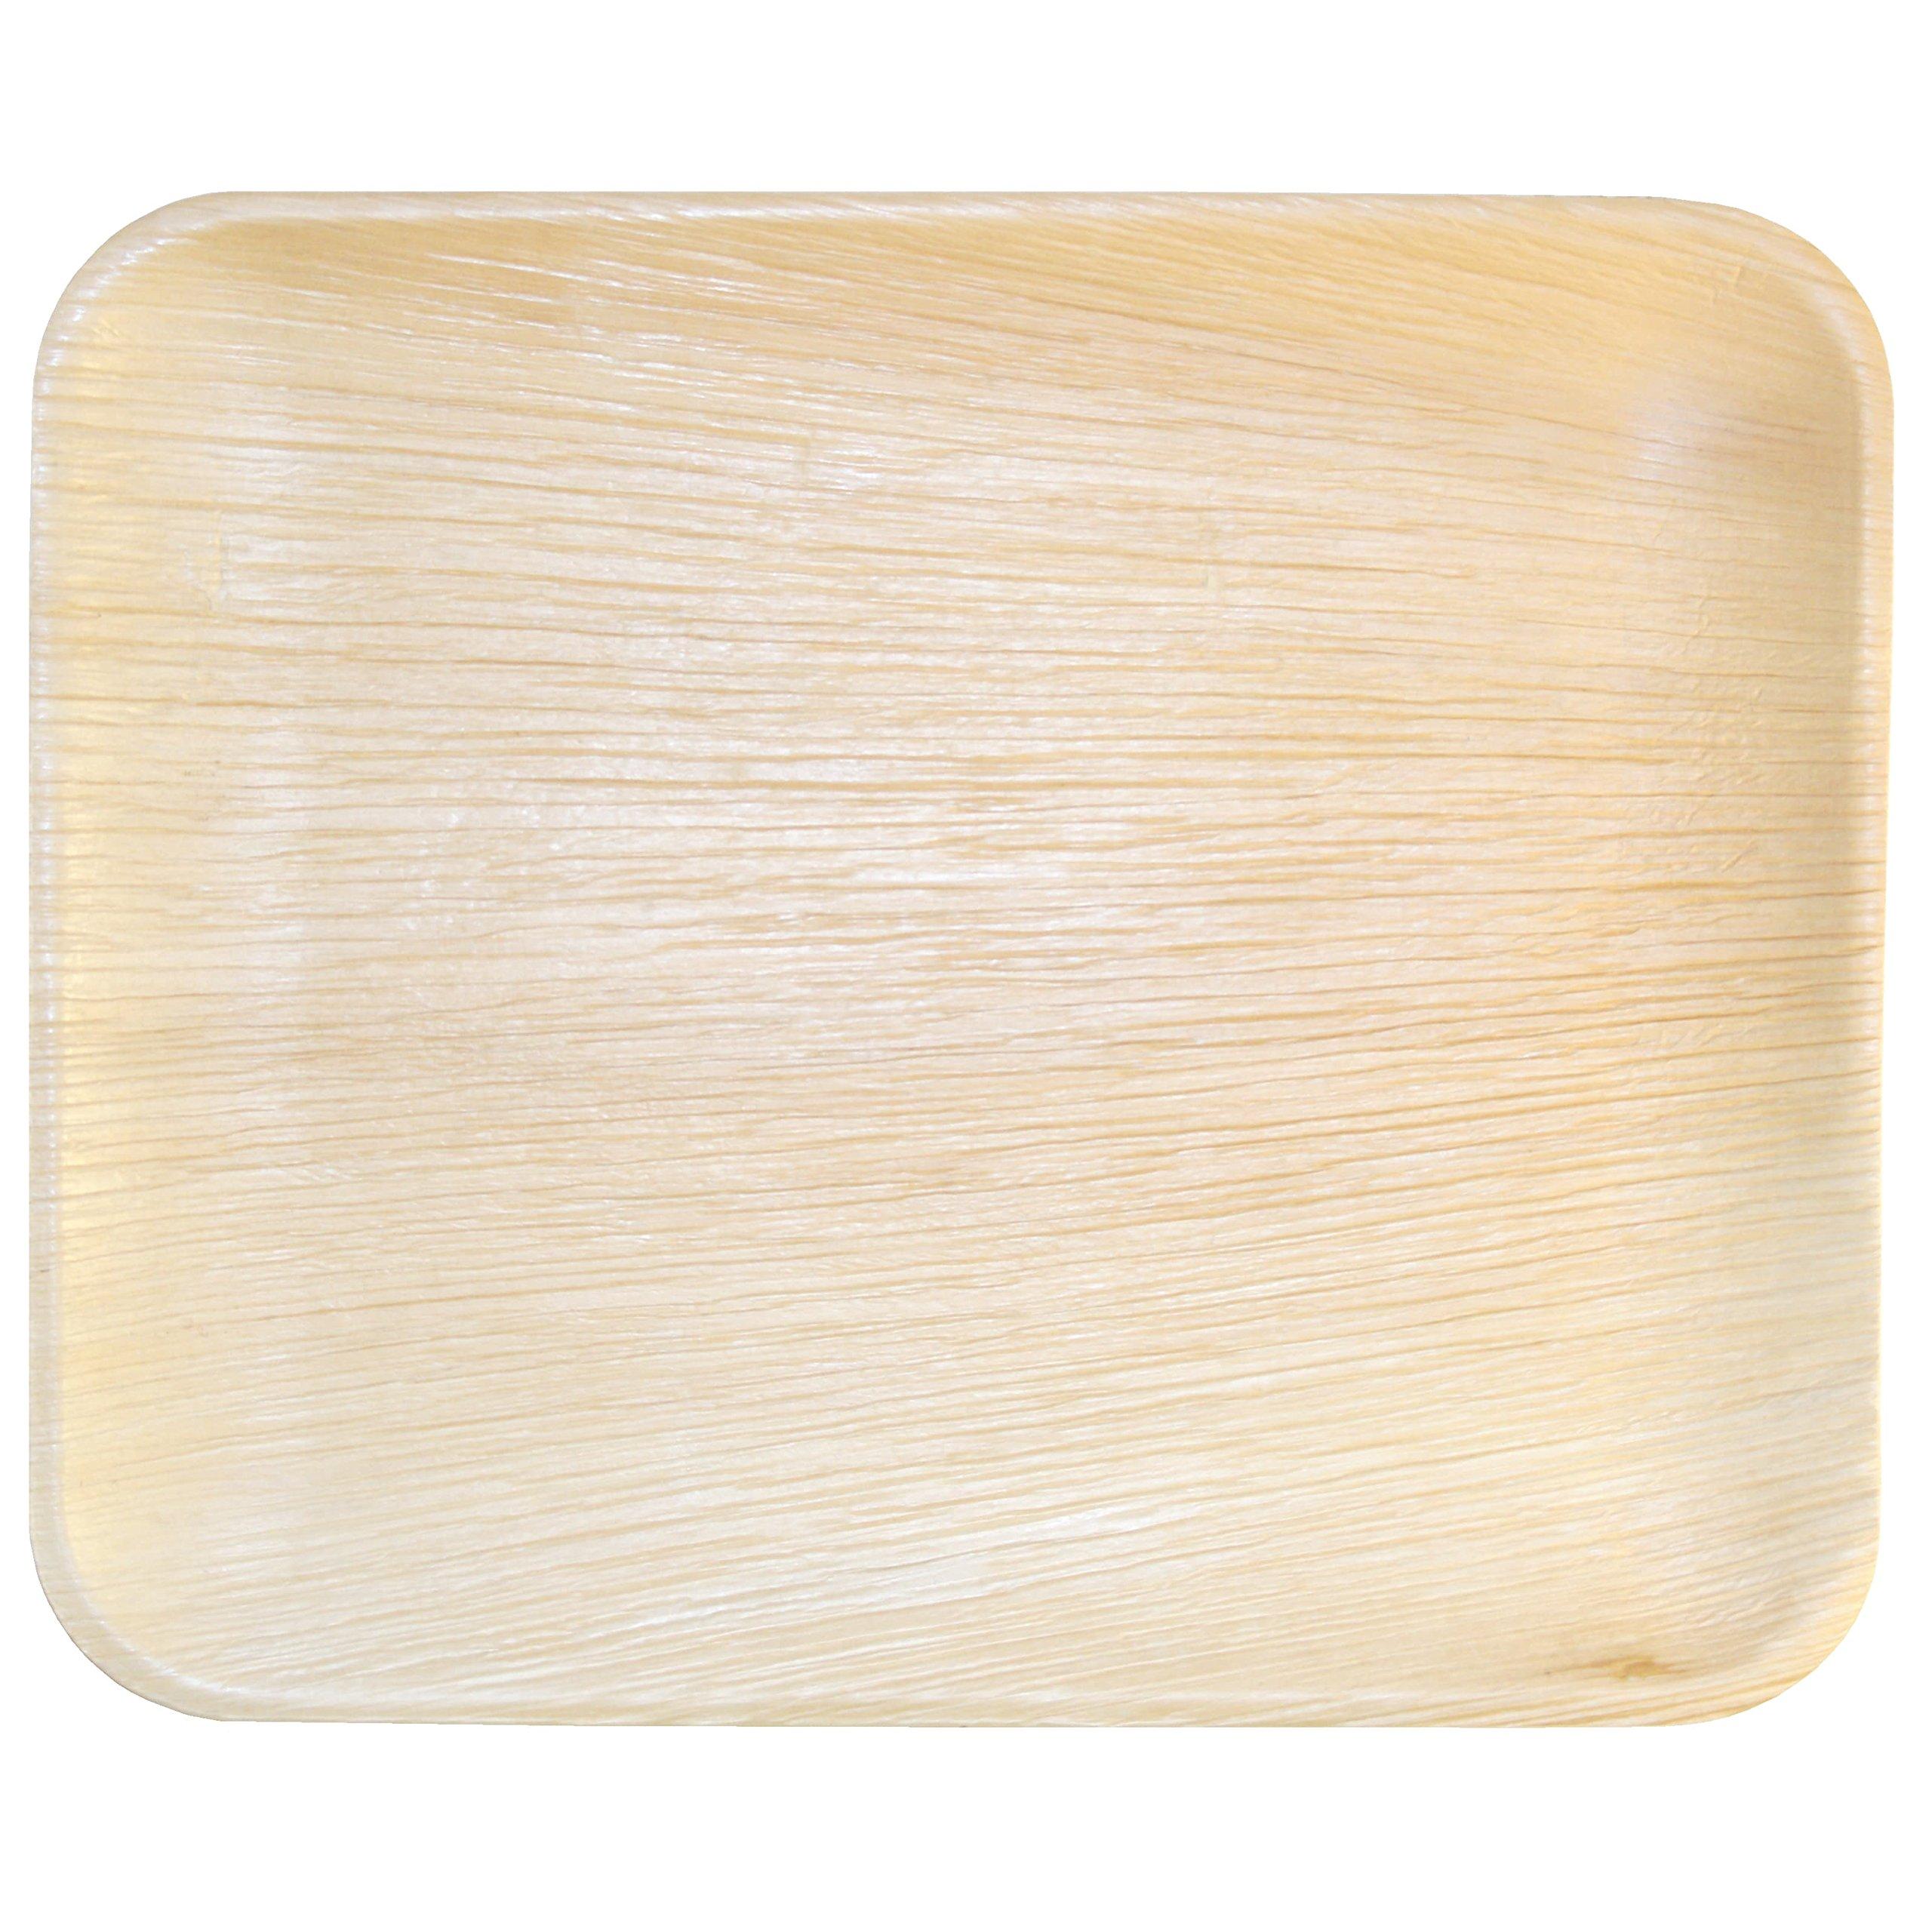 Leaf & Fiber 100 Count Elegant Fallen Palm Leaf Plate, 12.5-Inch by 10.5-Inch